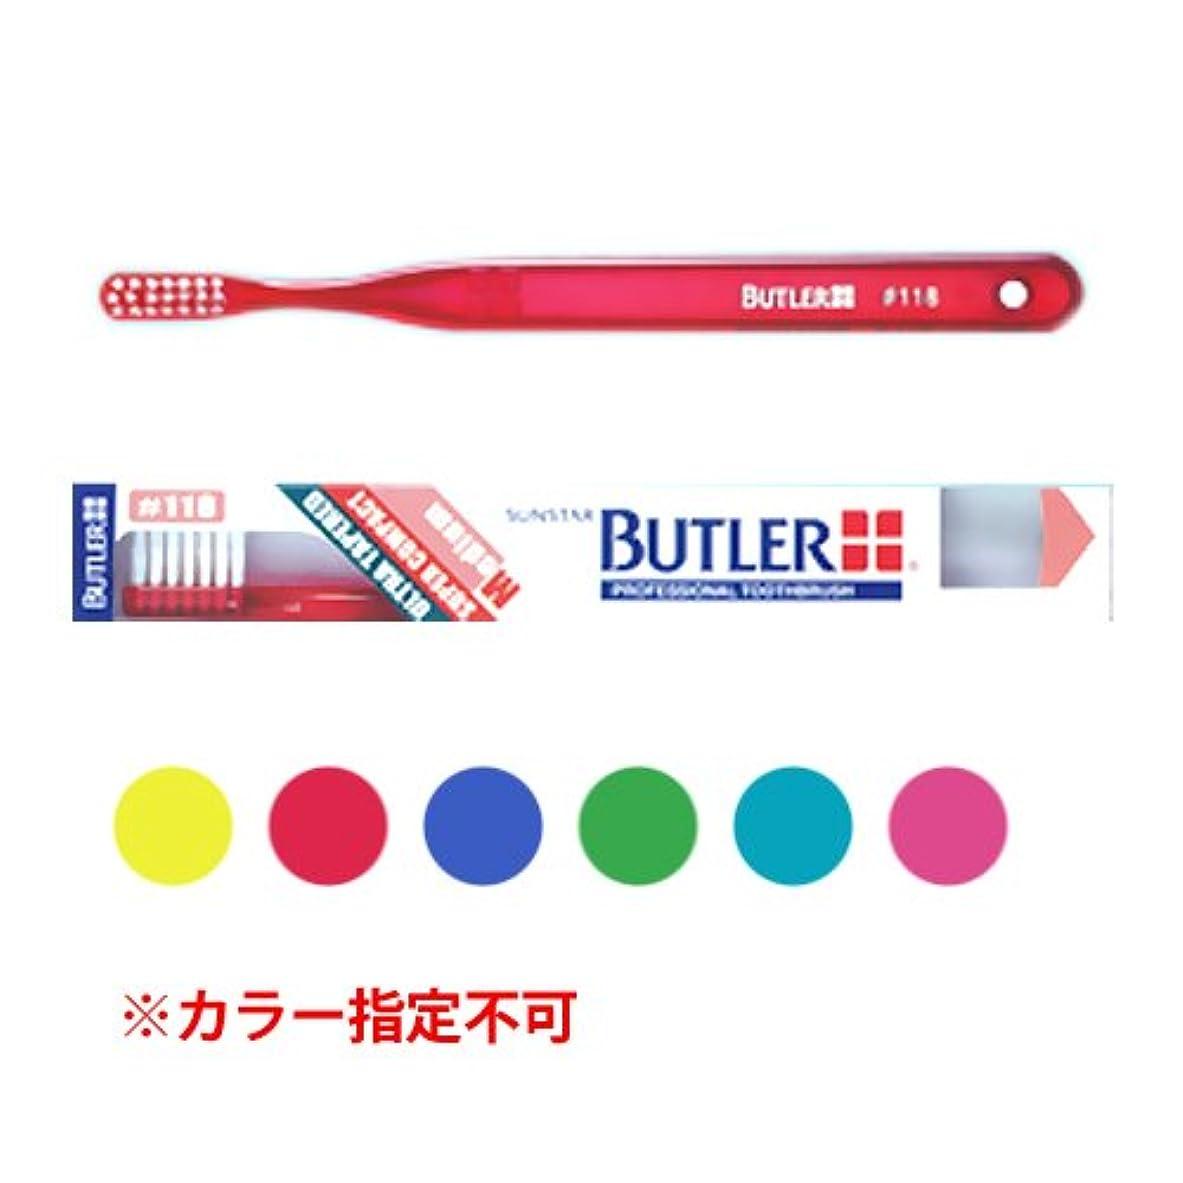 人形ブーム触覚バトラー 歯ブラシ 1本 #118